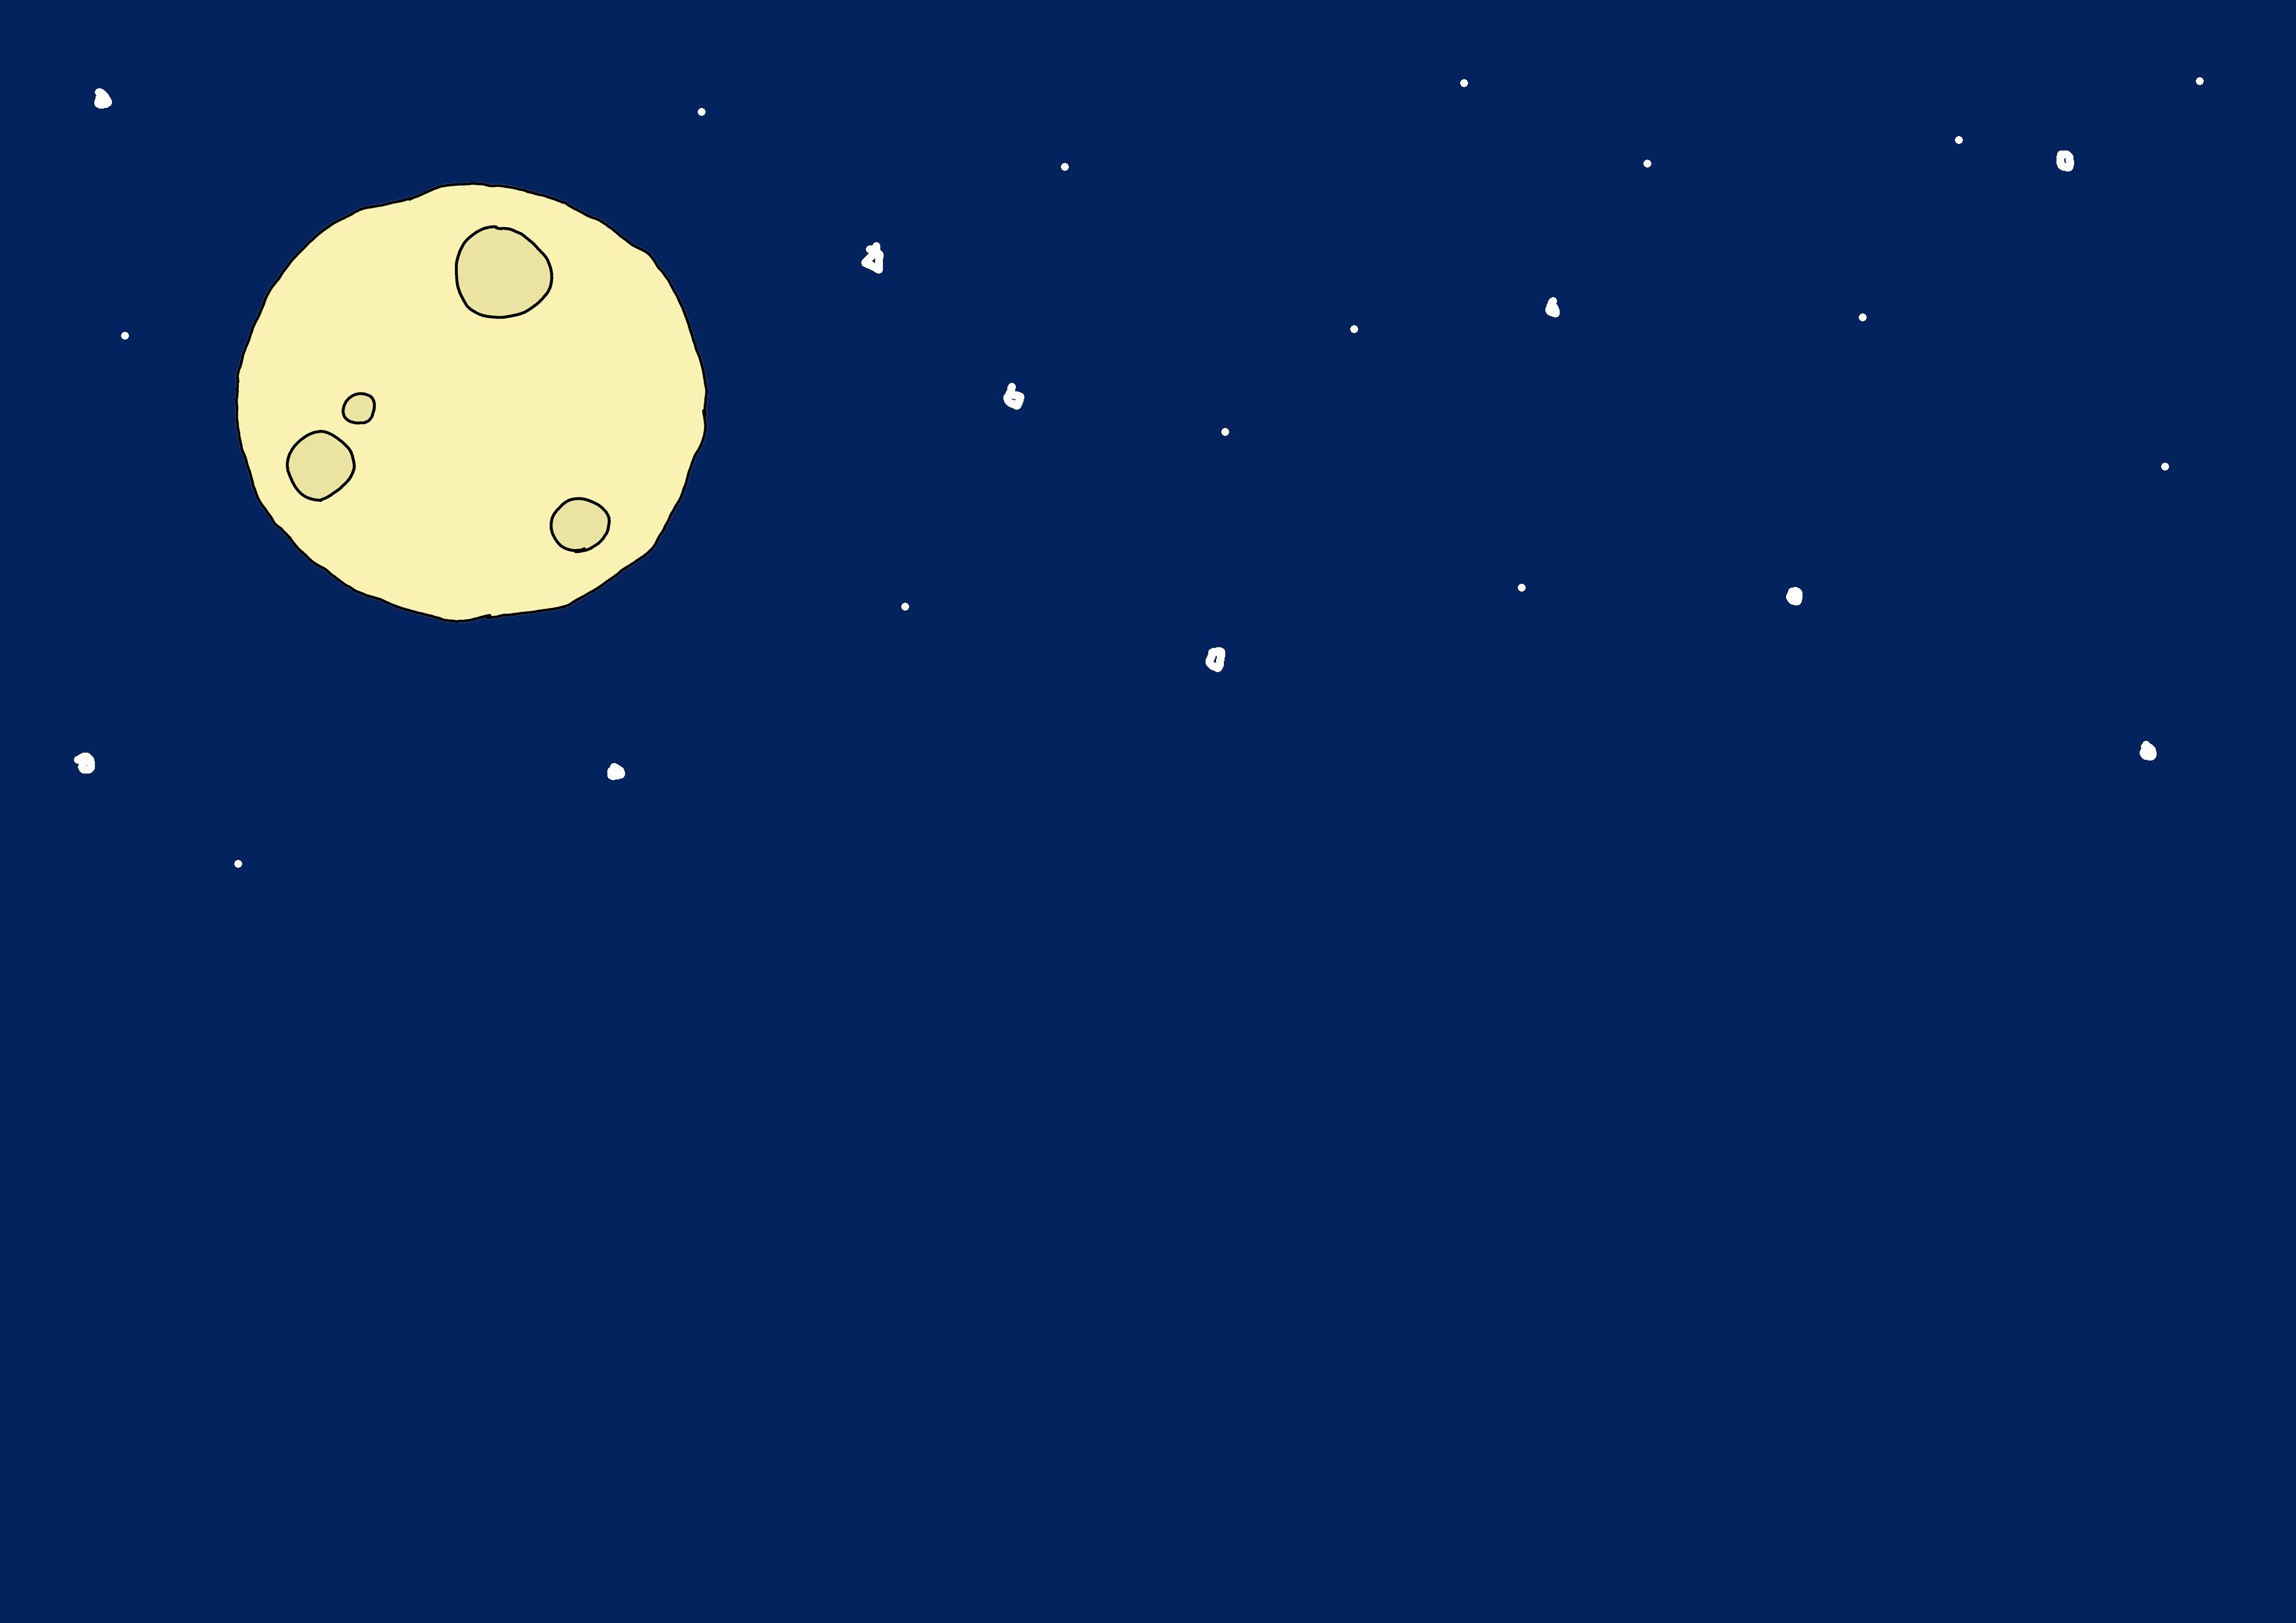 イラスト【夜・月】